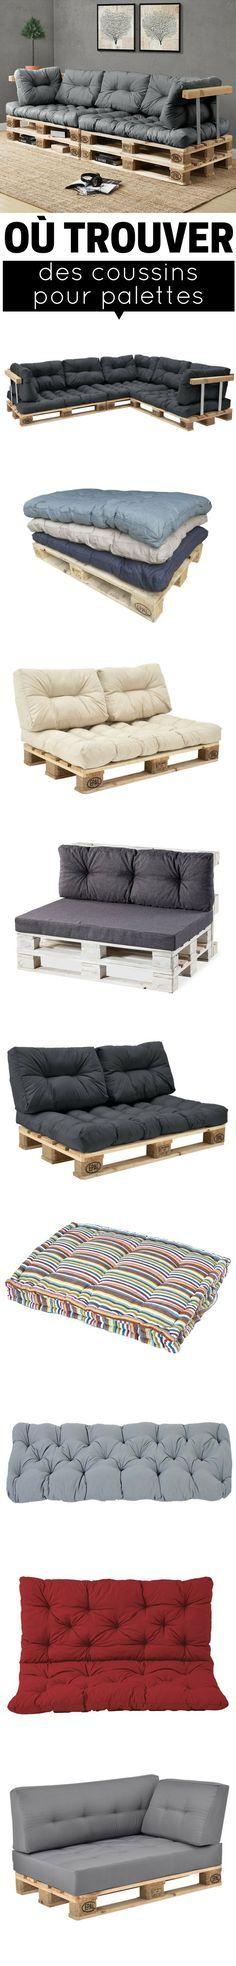 Construire un salon de jardin en bois de palette | Palettes ...